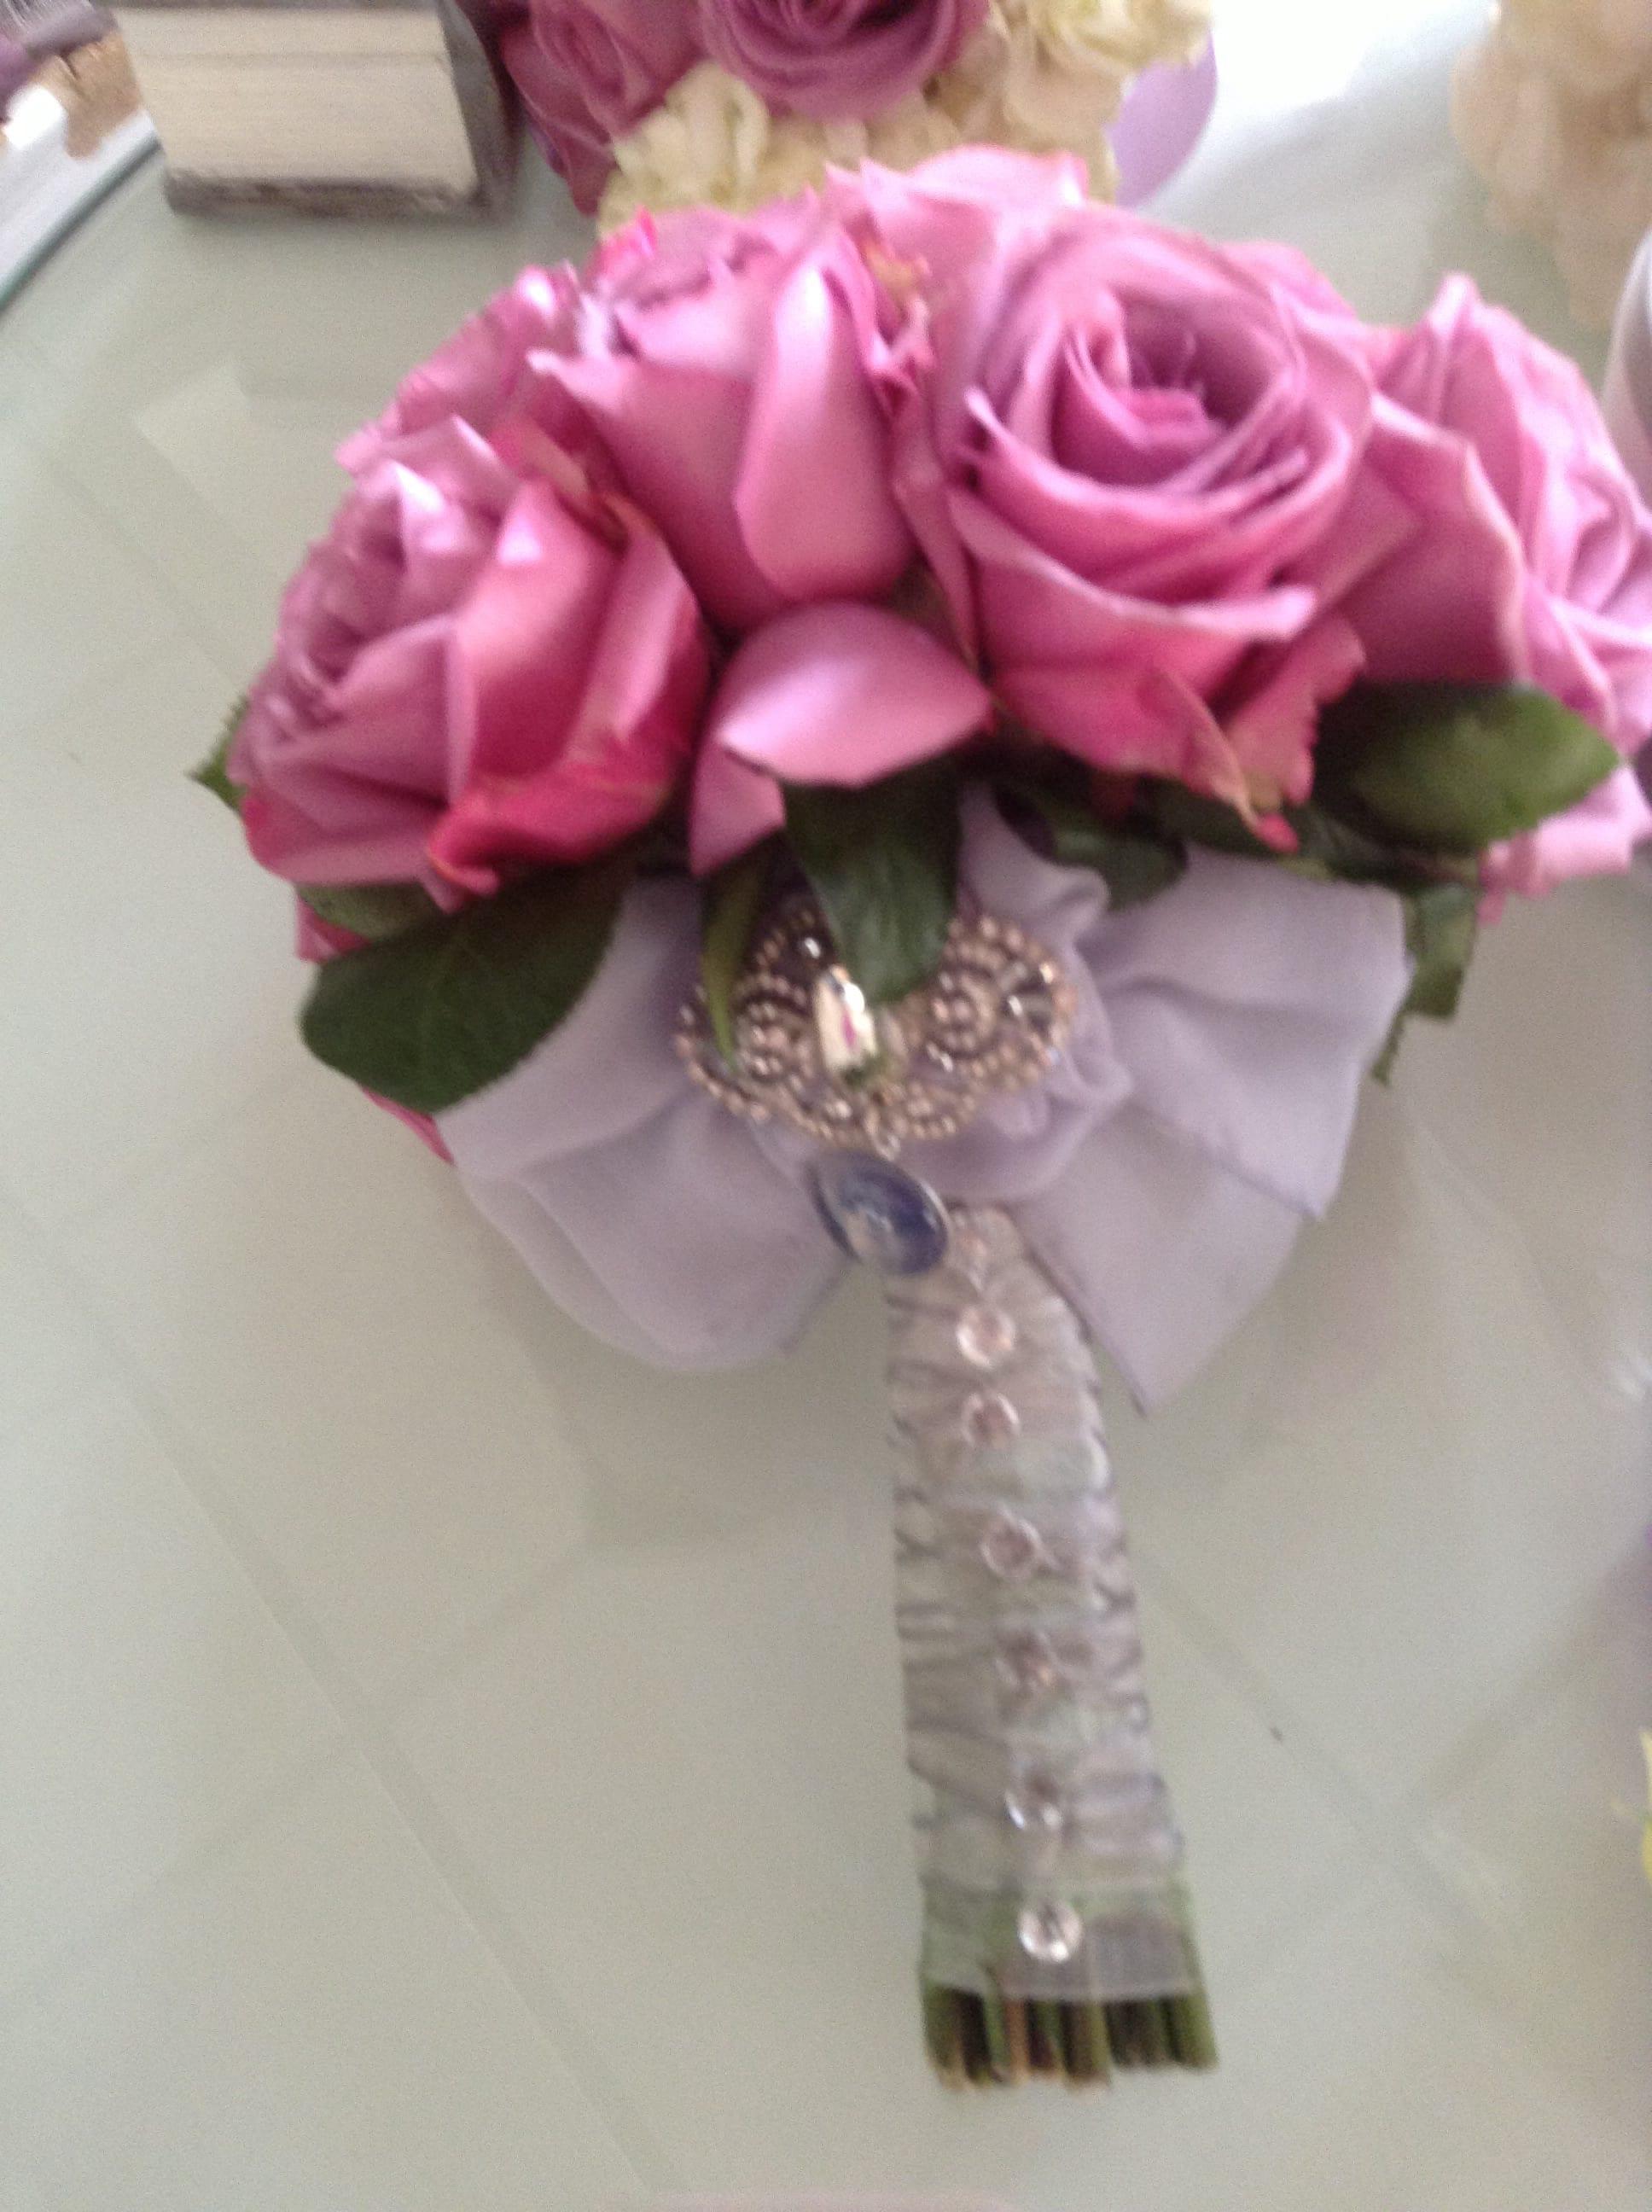 ac12ba374 Rose clutch bouquet in Redondo Beach, CA   Brooke's Flowers